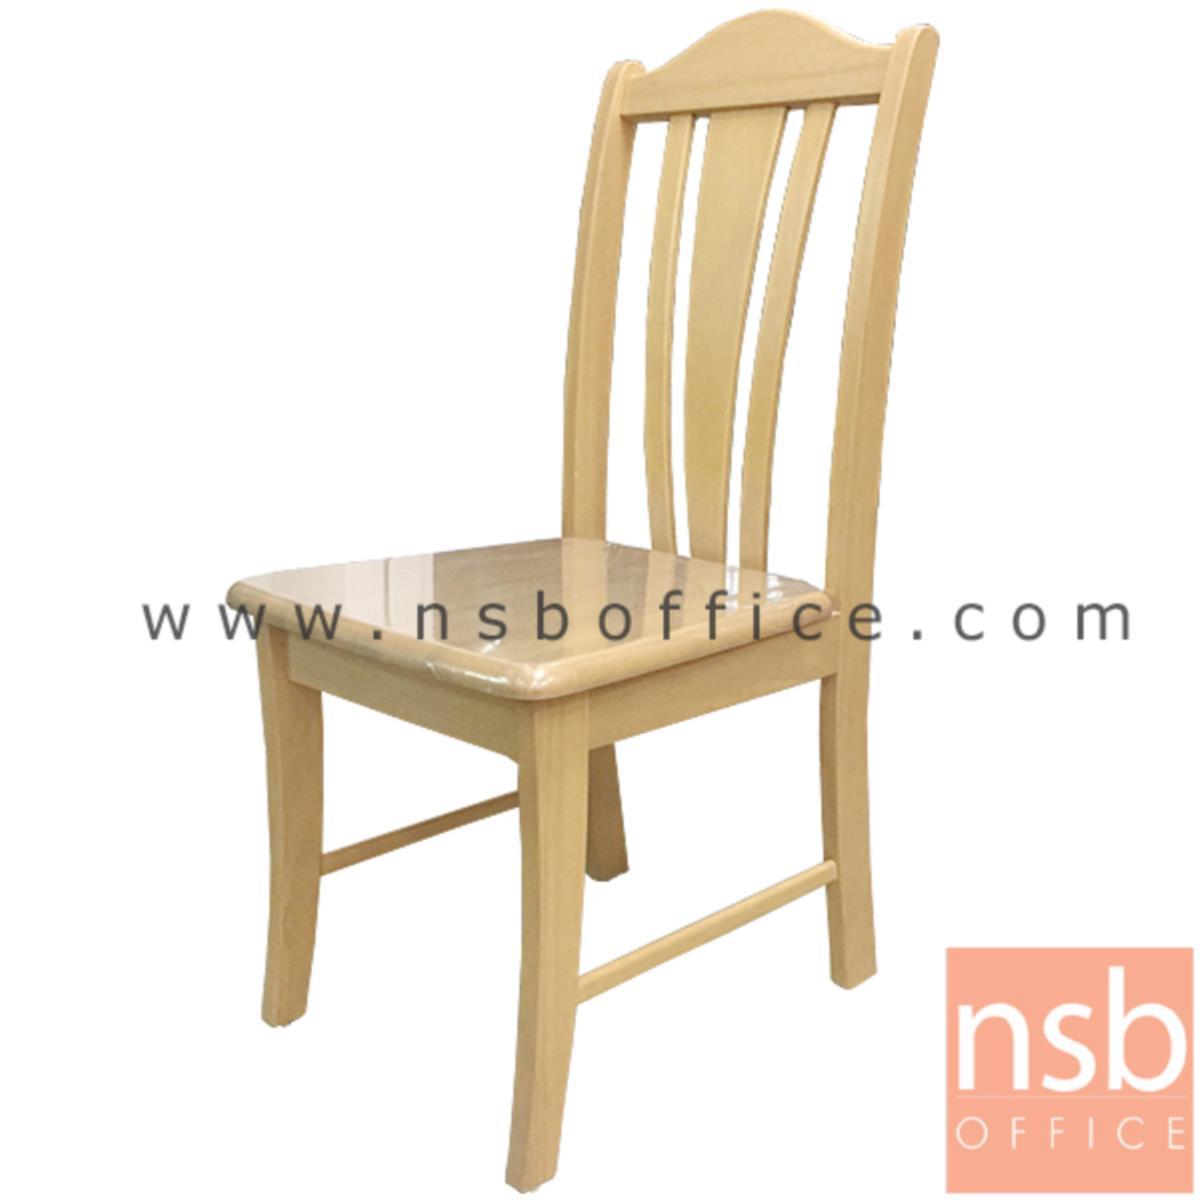 G14A042:เก้าอี้ไม้ยางพาราที่นั่งปิดผิวโฟเมก้าลายไม้ รุ่น Conquest (คอนเควสต์) ขาไม้